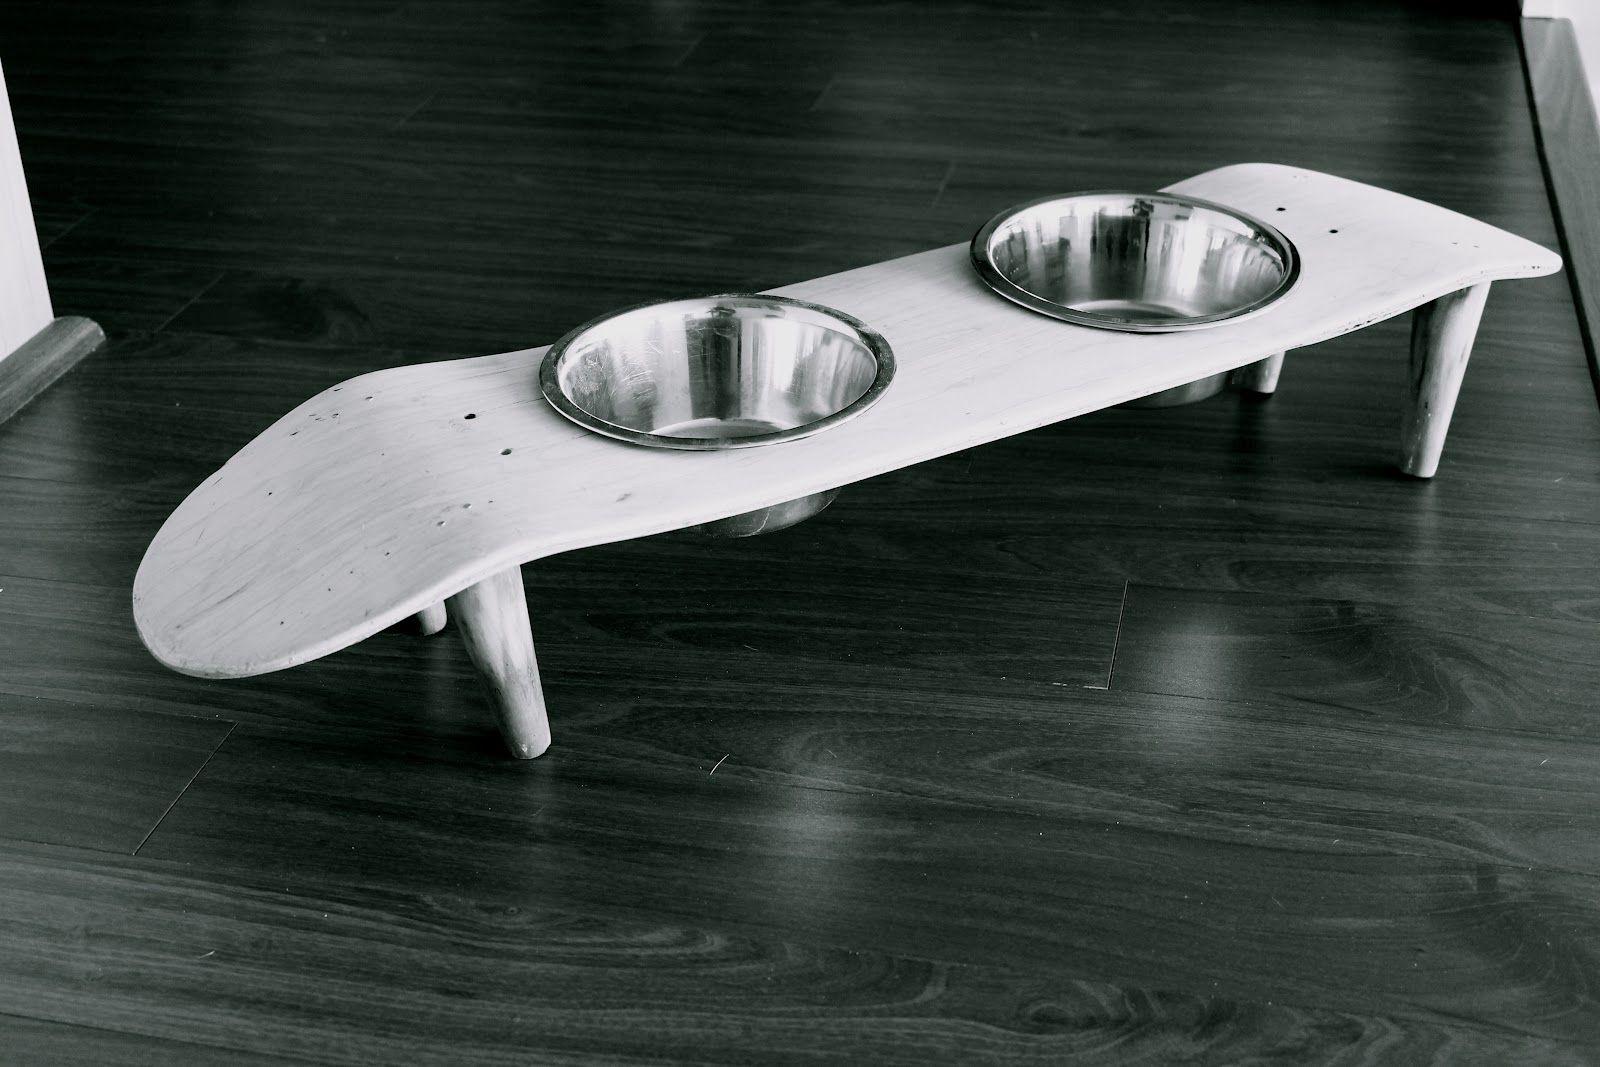 No bote el el skate viejo! Mejor transfórmelo en un excelente comedor para su perro o gato.